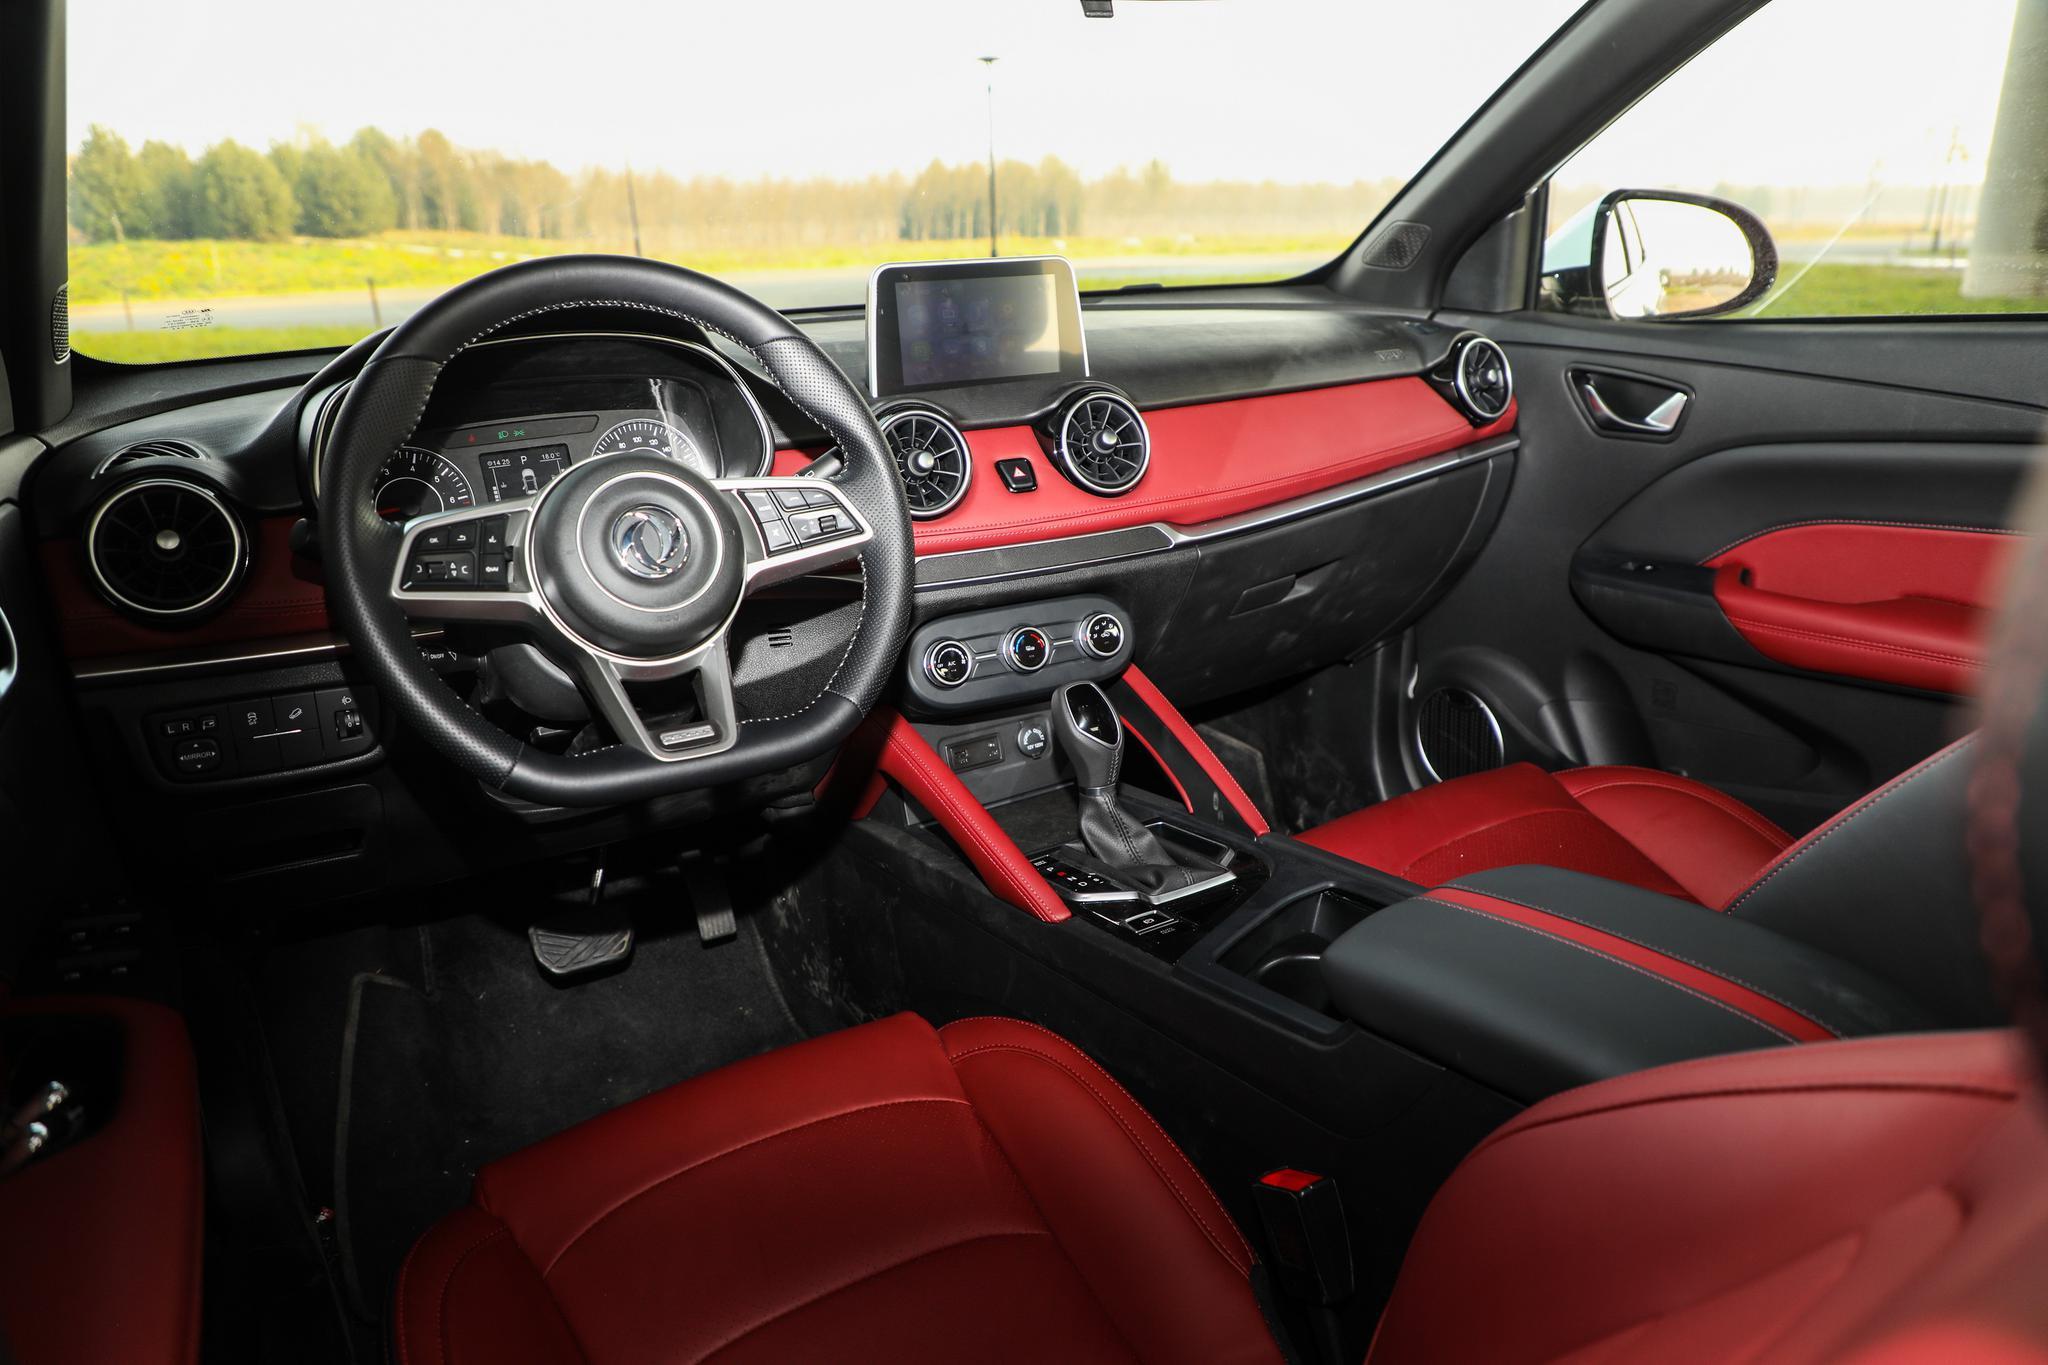 【原创】颜值高/配置足 这款5万级全民SUV有点意思